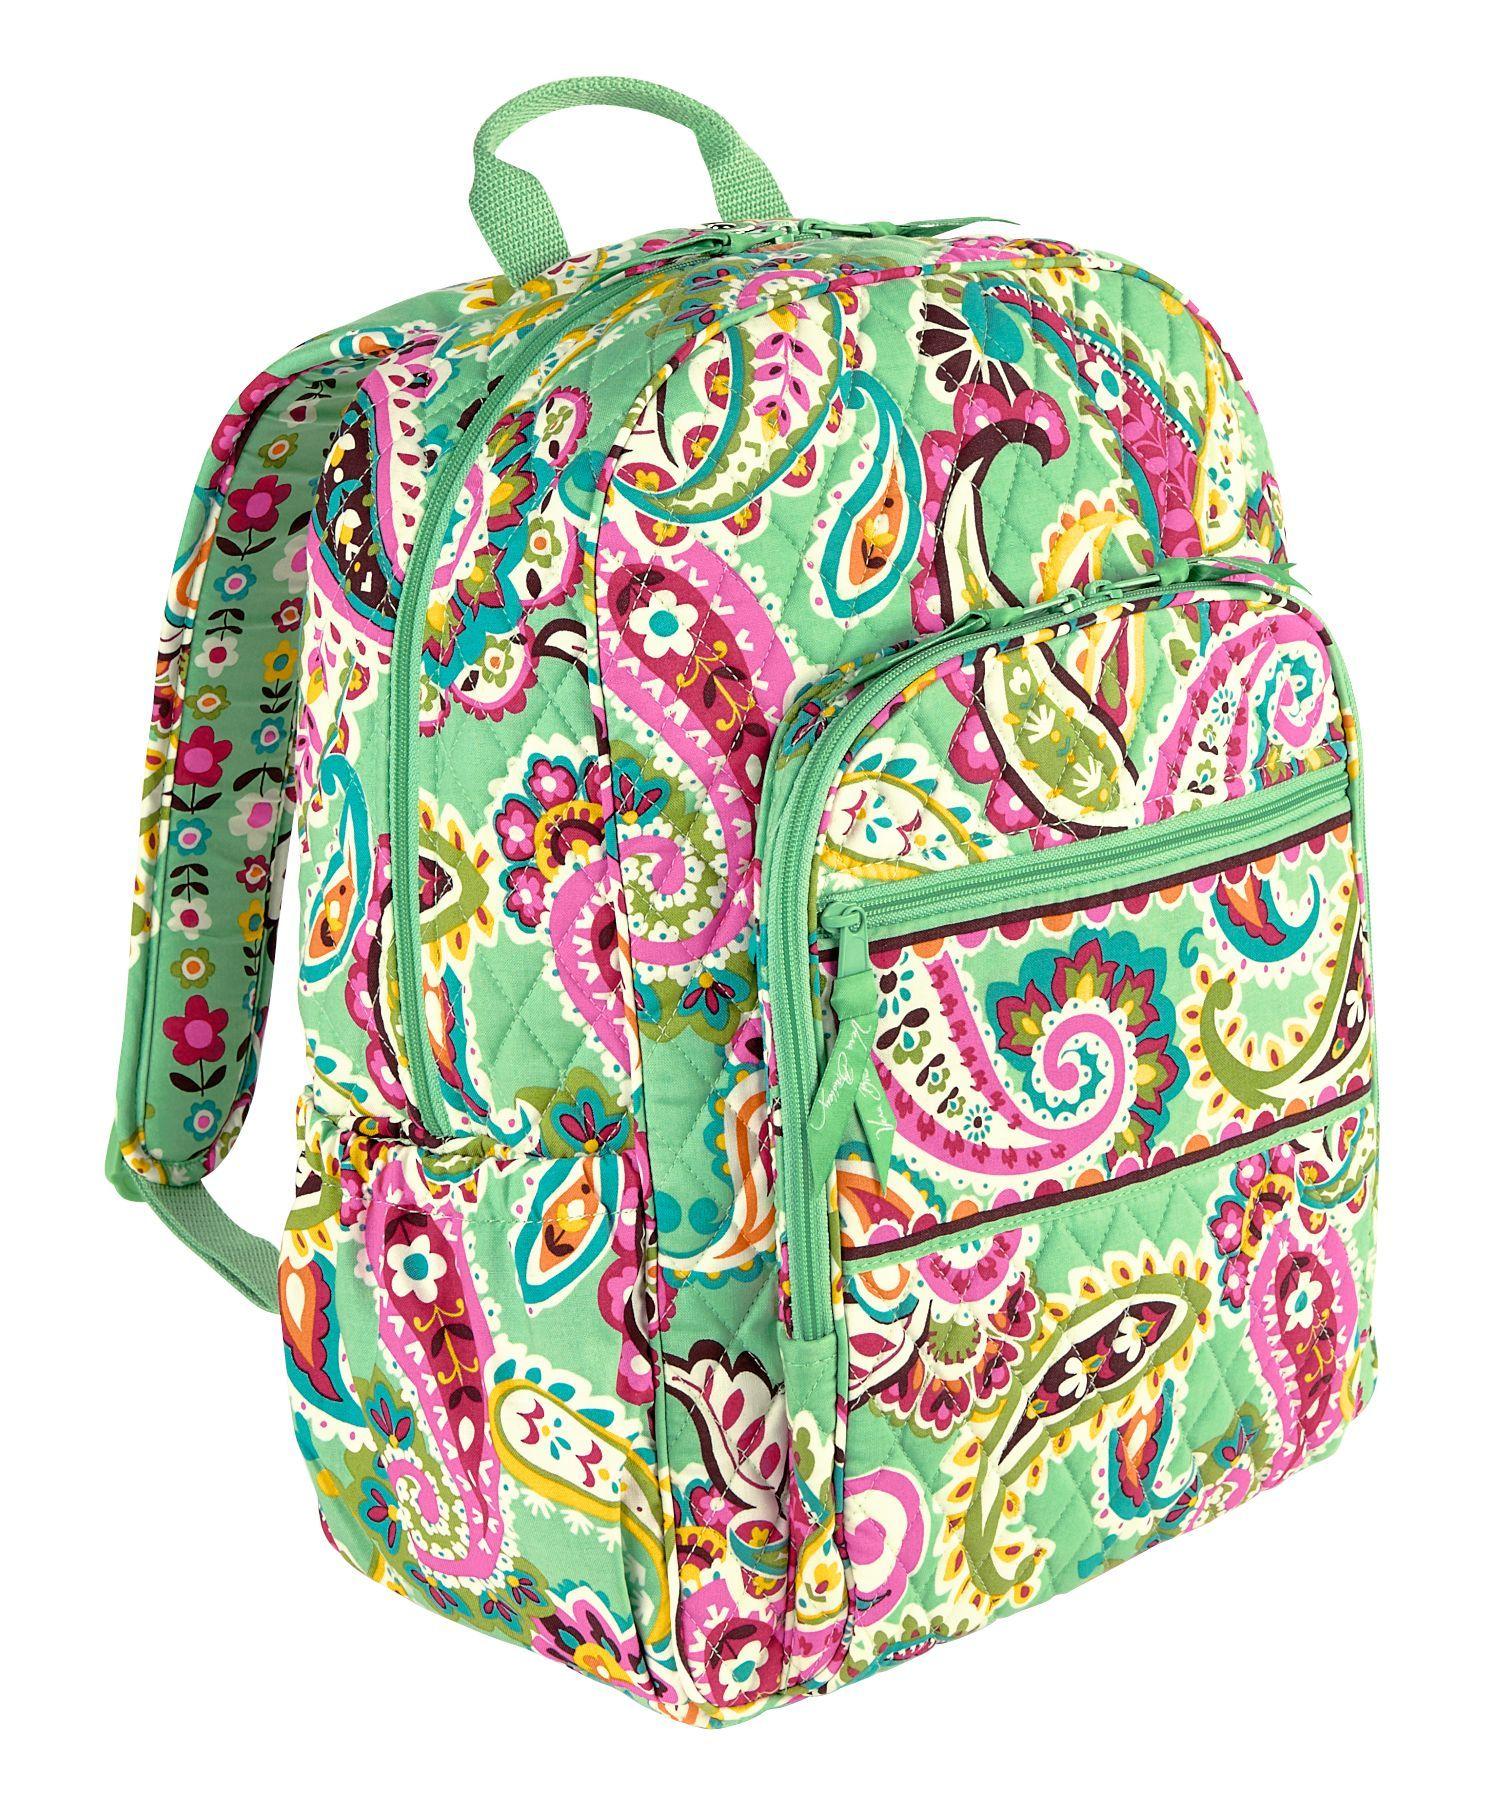 vera bradley backpacks shop vera bradley backpacks in clothing